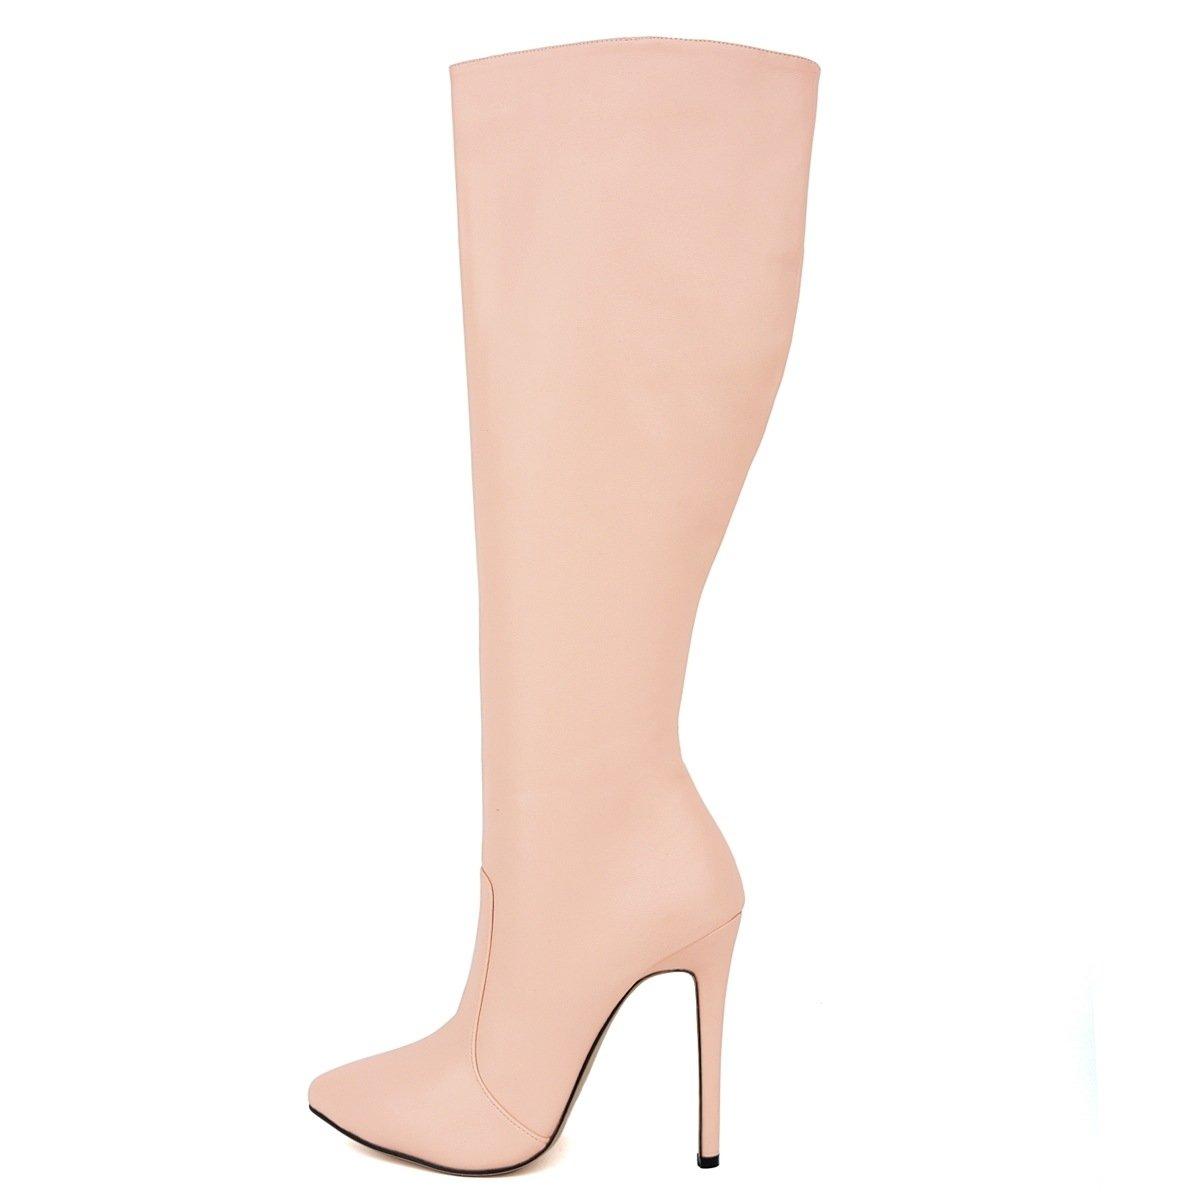 - DYF Chaussures femmes Bottes Tube Long fait Stiletto Talon Fine poudre de couleur solide,Matt,37